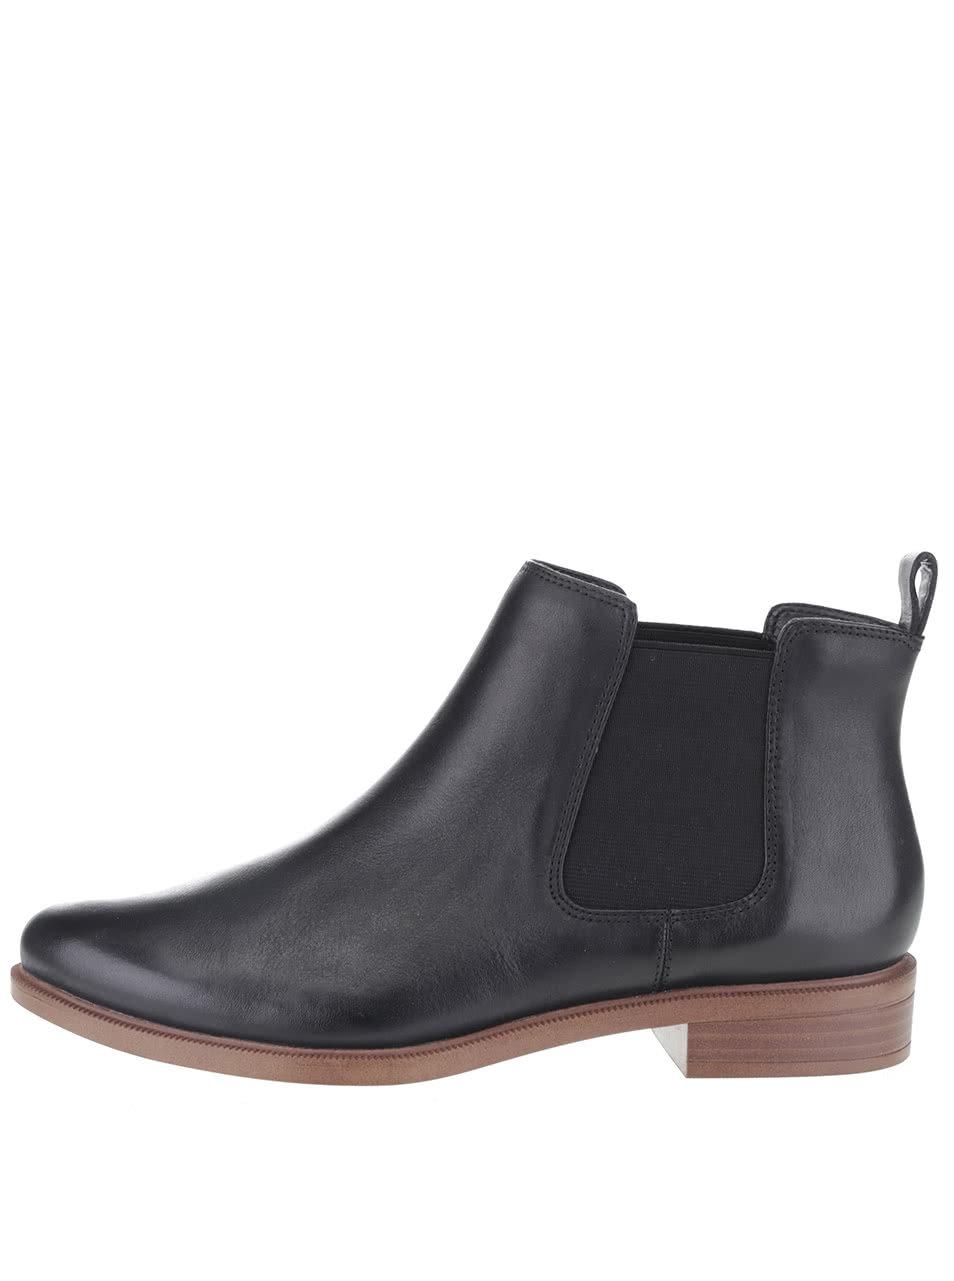 Čierne dámske kožené chelsea topánky Clarks Taylor ... dcfe598ba04